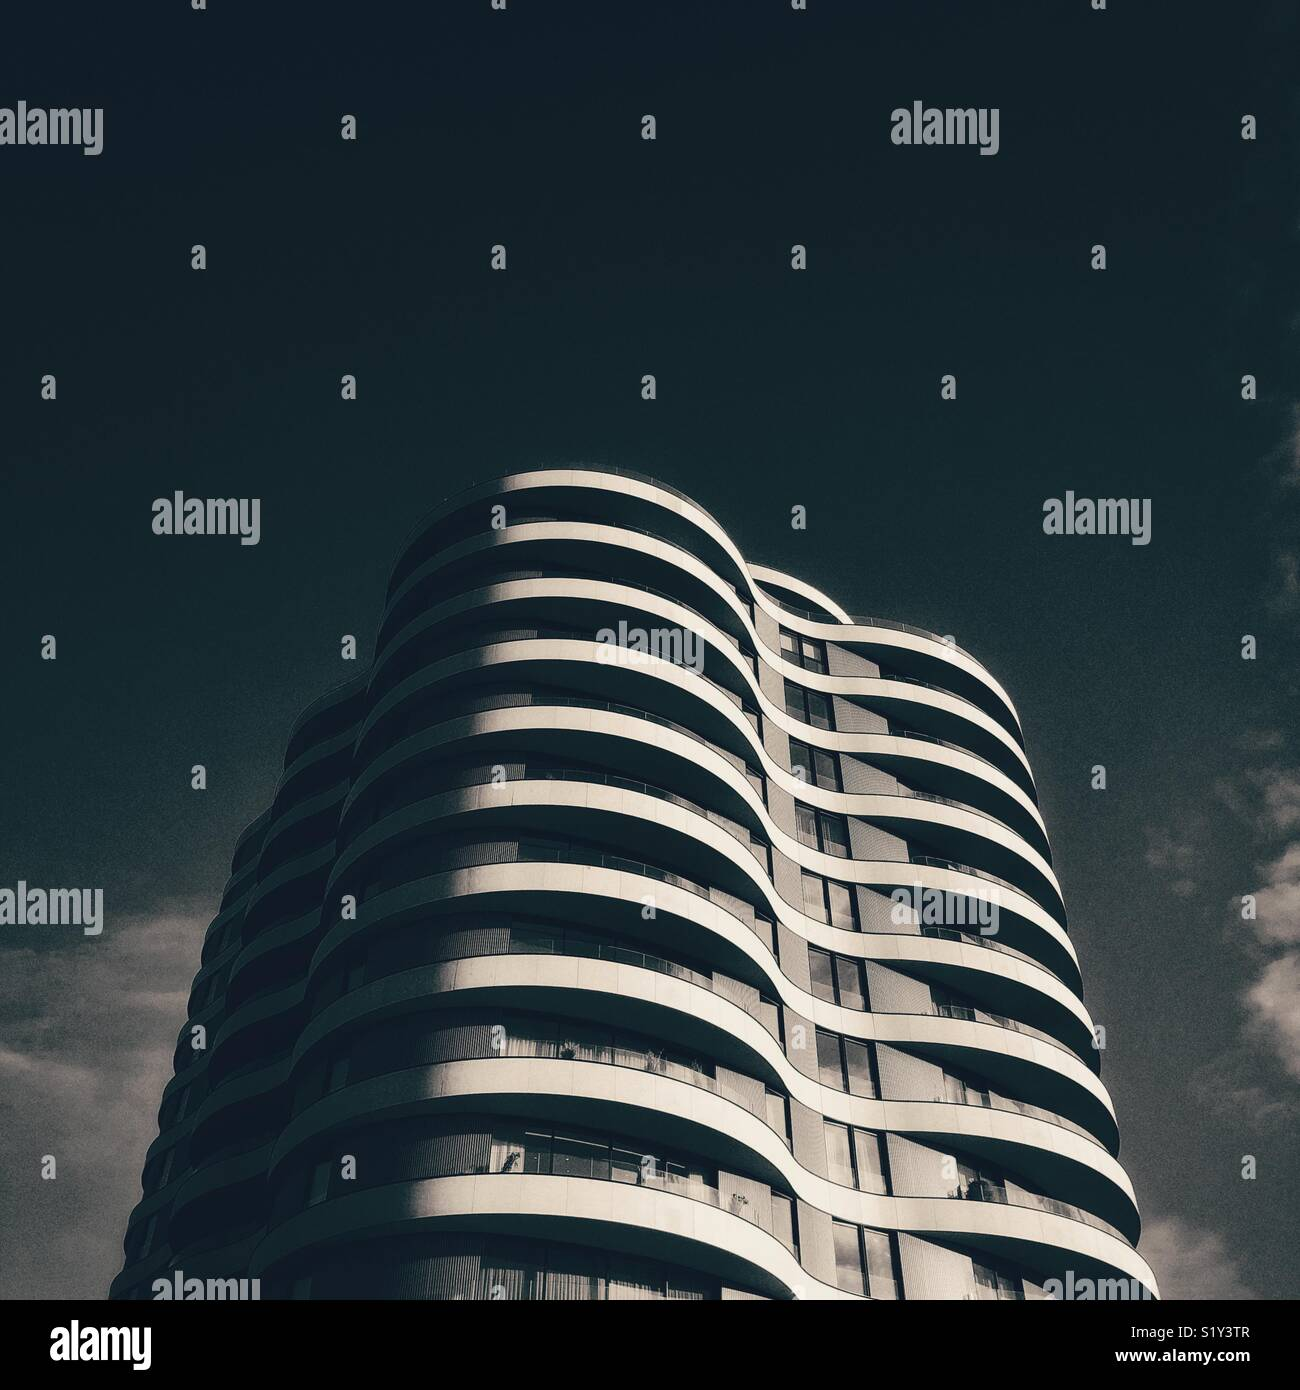 Ondulado torre urbana contemporánea Imagen De Stock